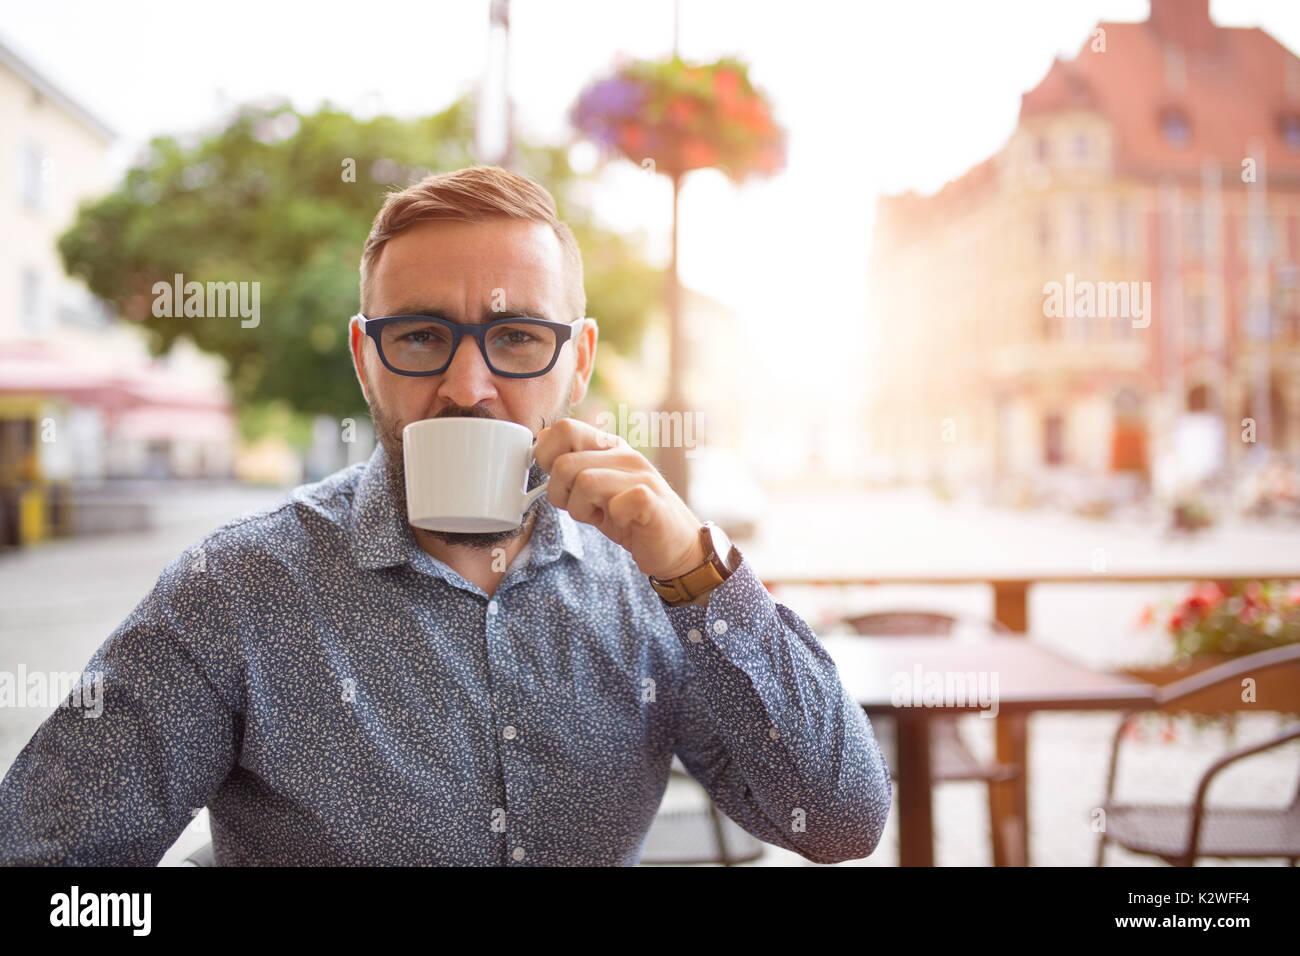 Uomo elegante bere cappuccino in cafe-giardino alla città vecchia Immagini Stock